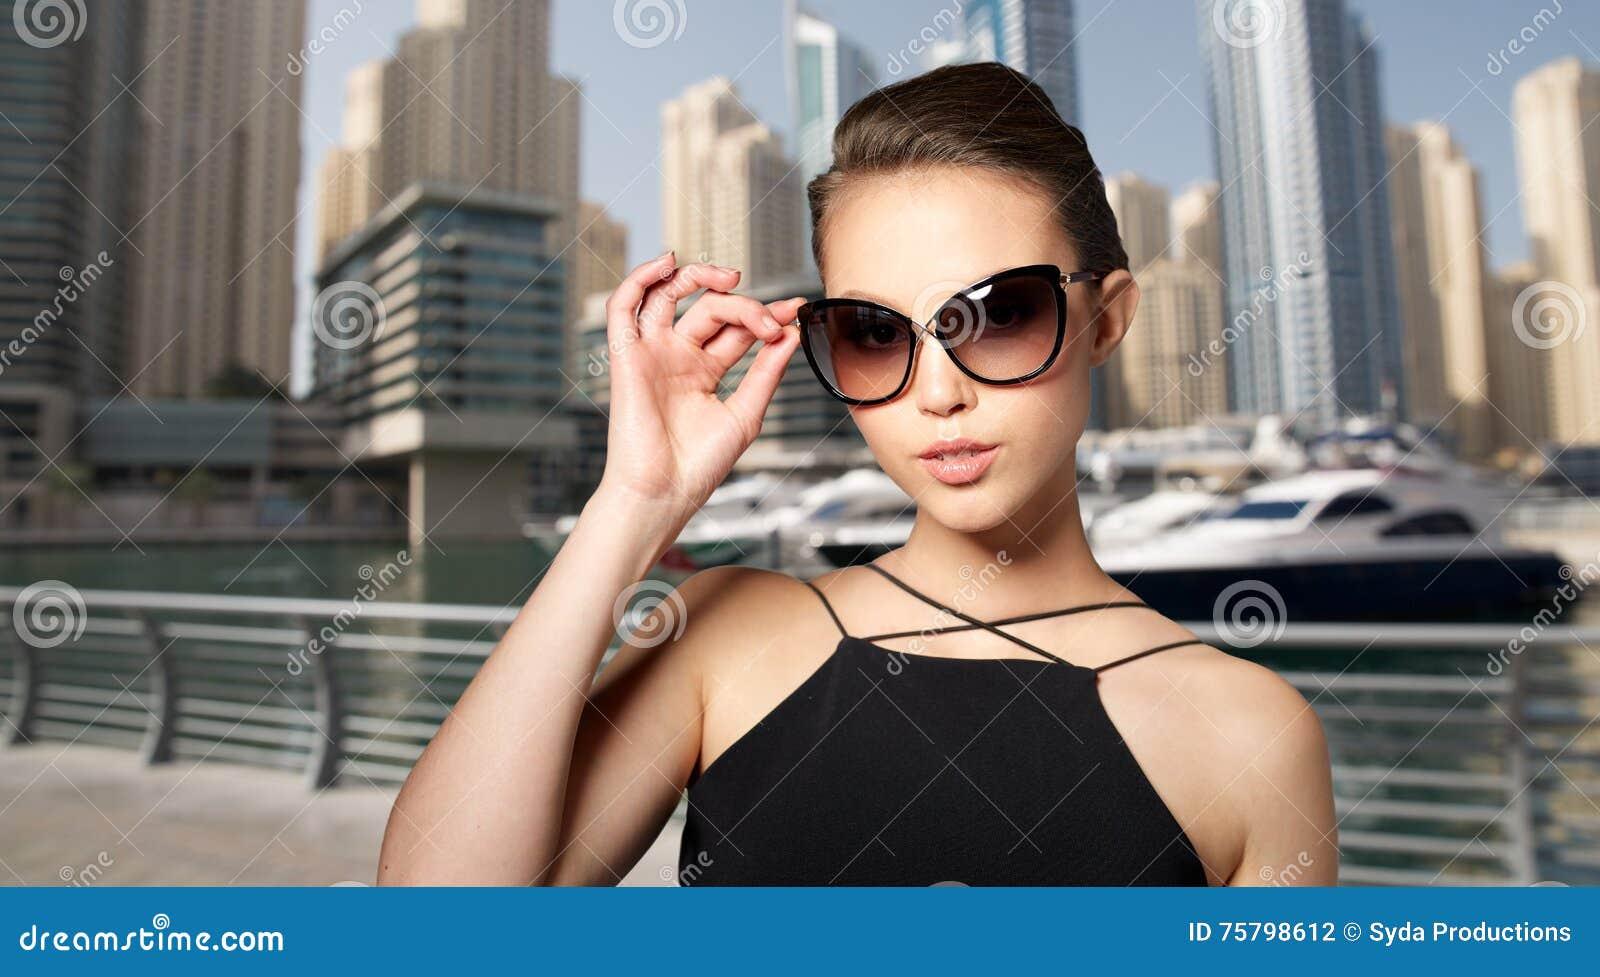 f5e085bac Conceito dos acessórios, do eyewear, da forma, dos povos e do luxo - jovem  mulher bonita em óculos de sol pretos elegantes sobre o fundo do porto da  cidade ...